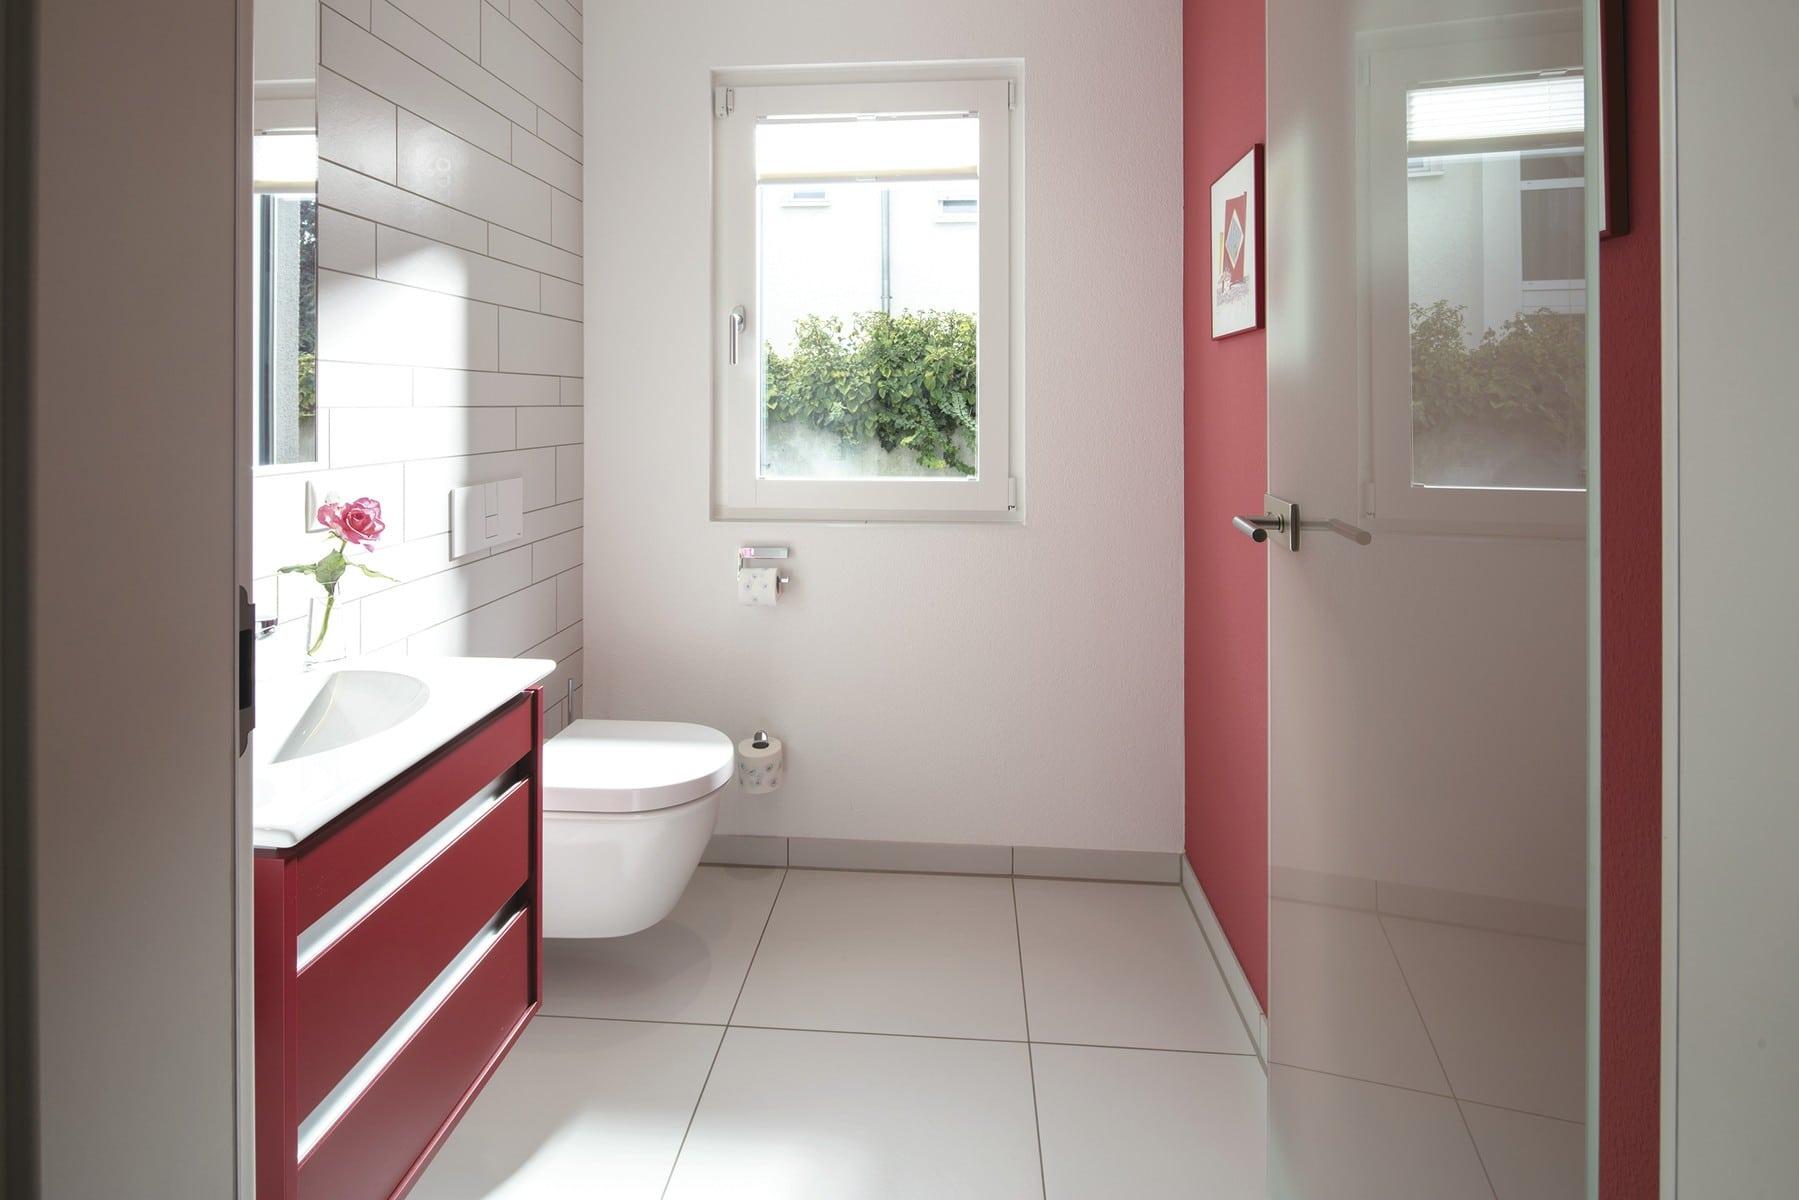 Gäste-WC rot weiss gestaltet - Stadtvilla Inneneinrichtung Haus Ideen Fertighaus CityLife WeberHaus - HausbauDirekt.de